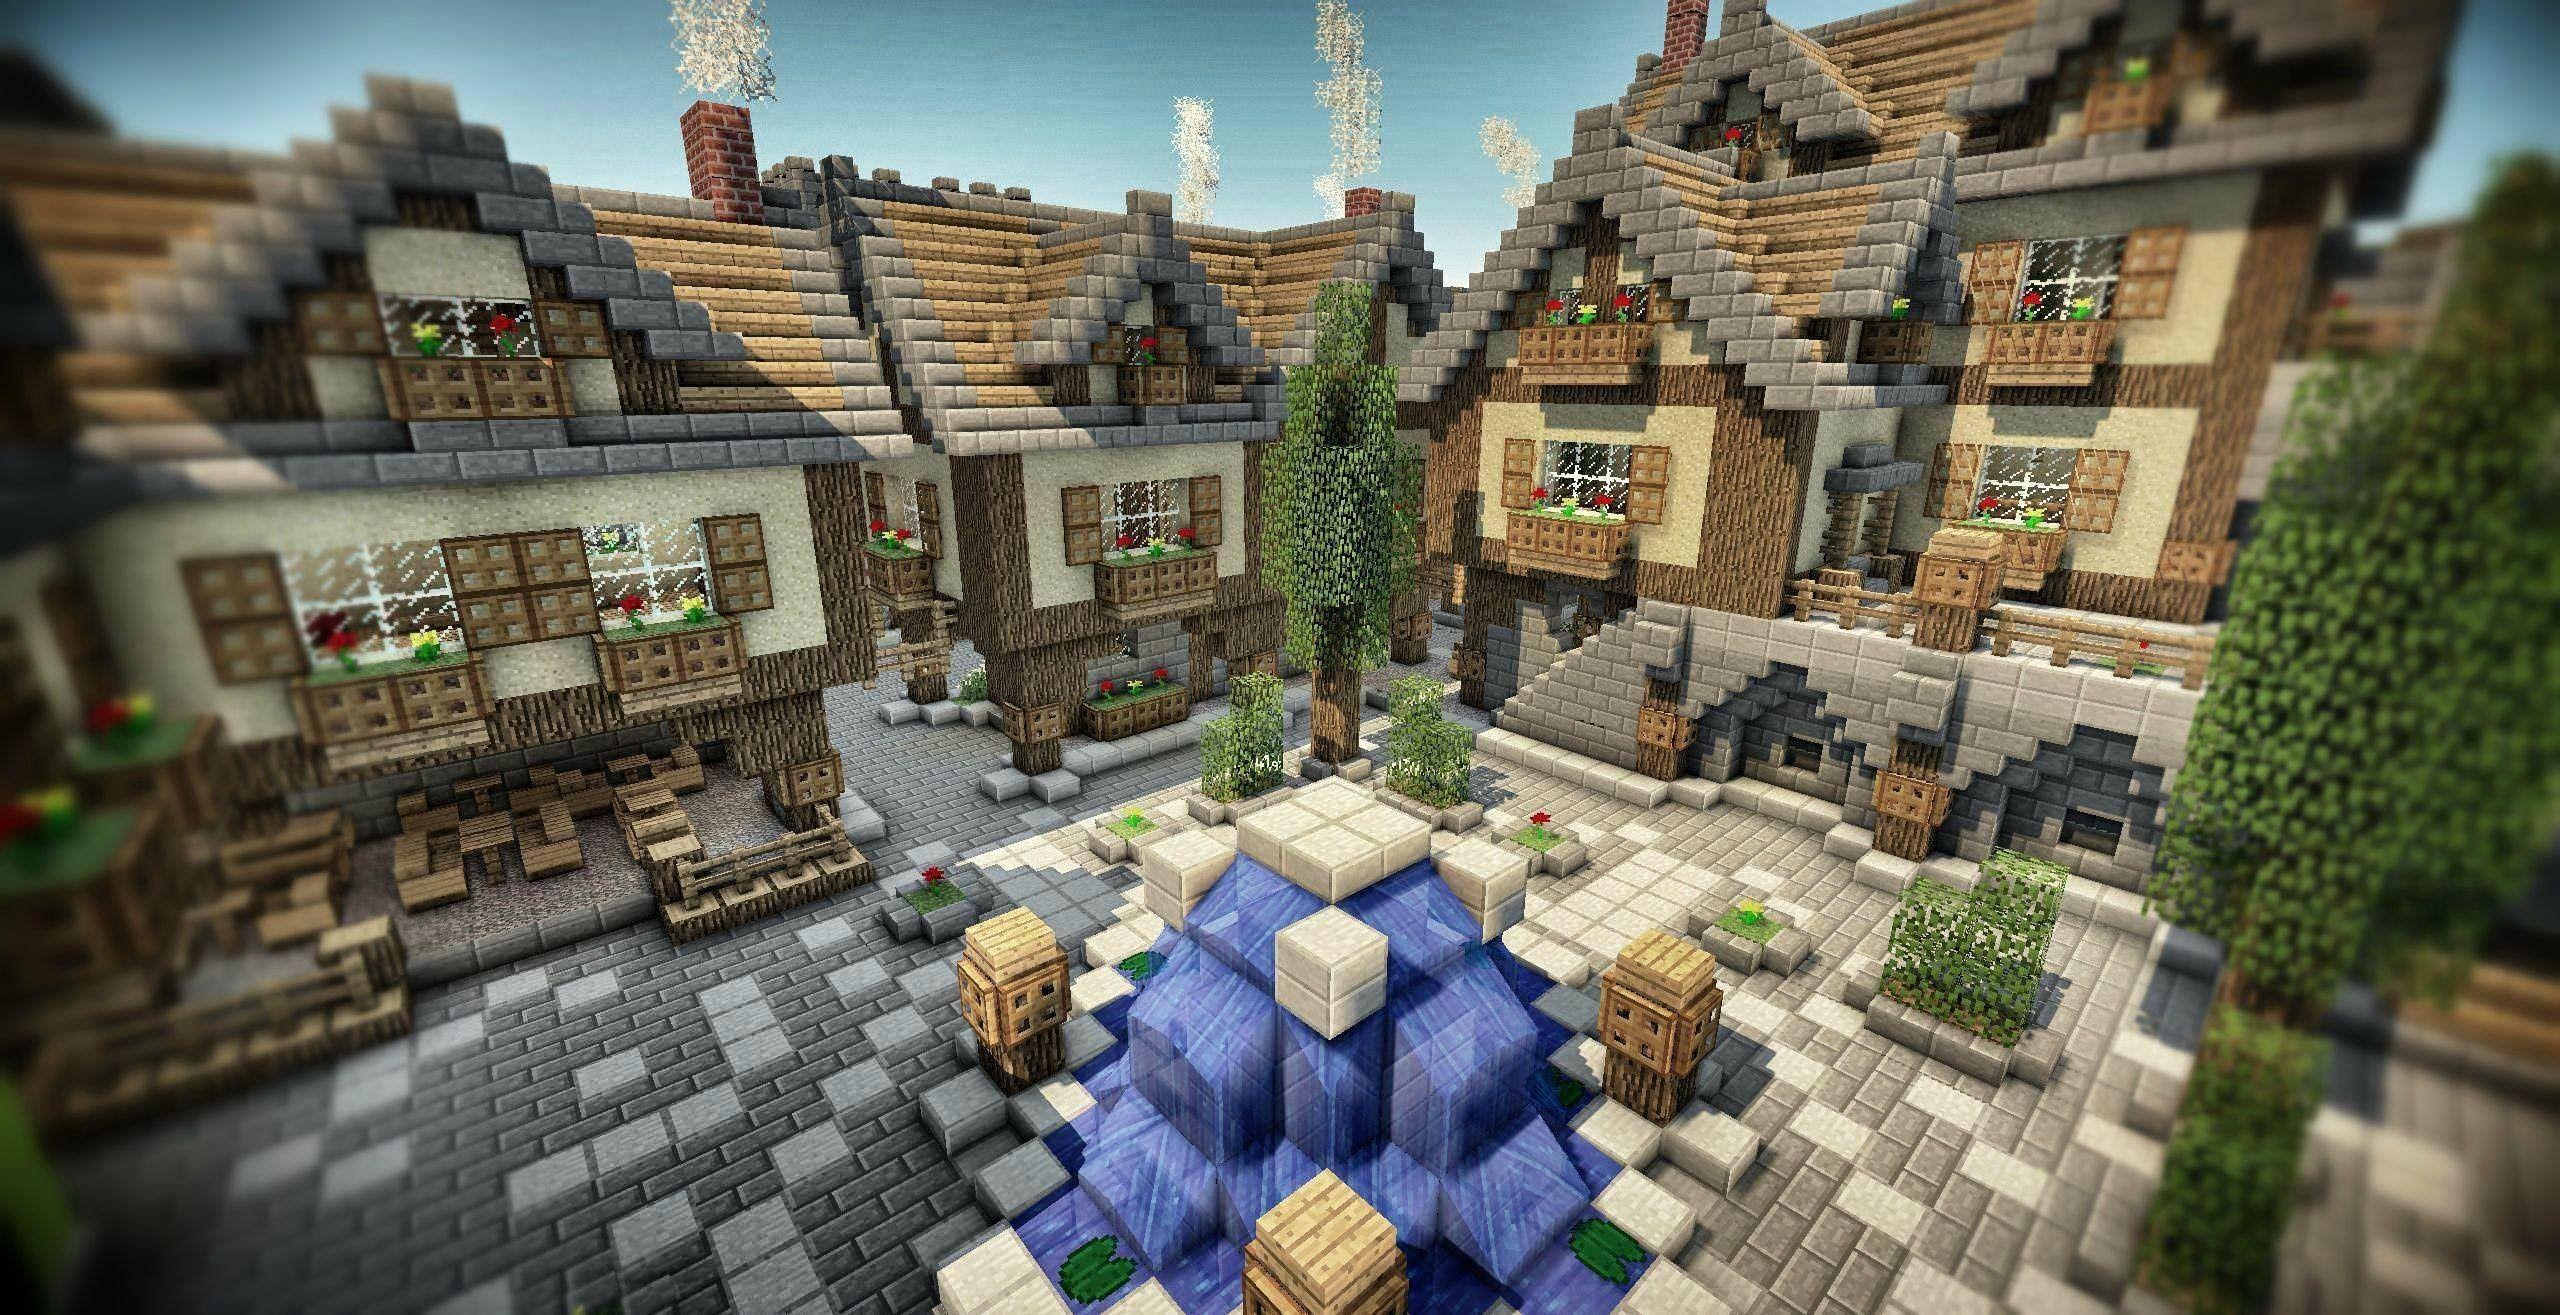 Resultat De Recherche D Images Pour Minecraft Ps4 Maison